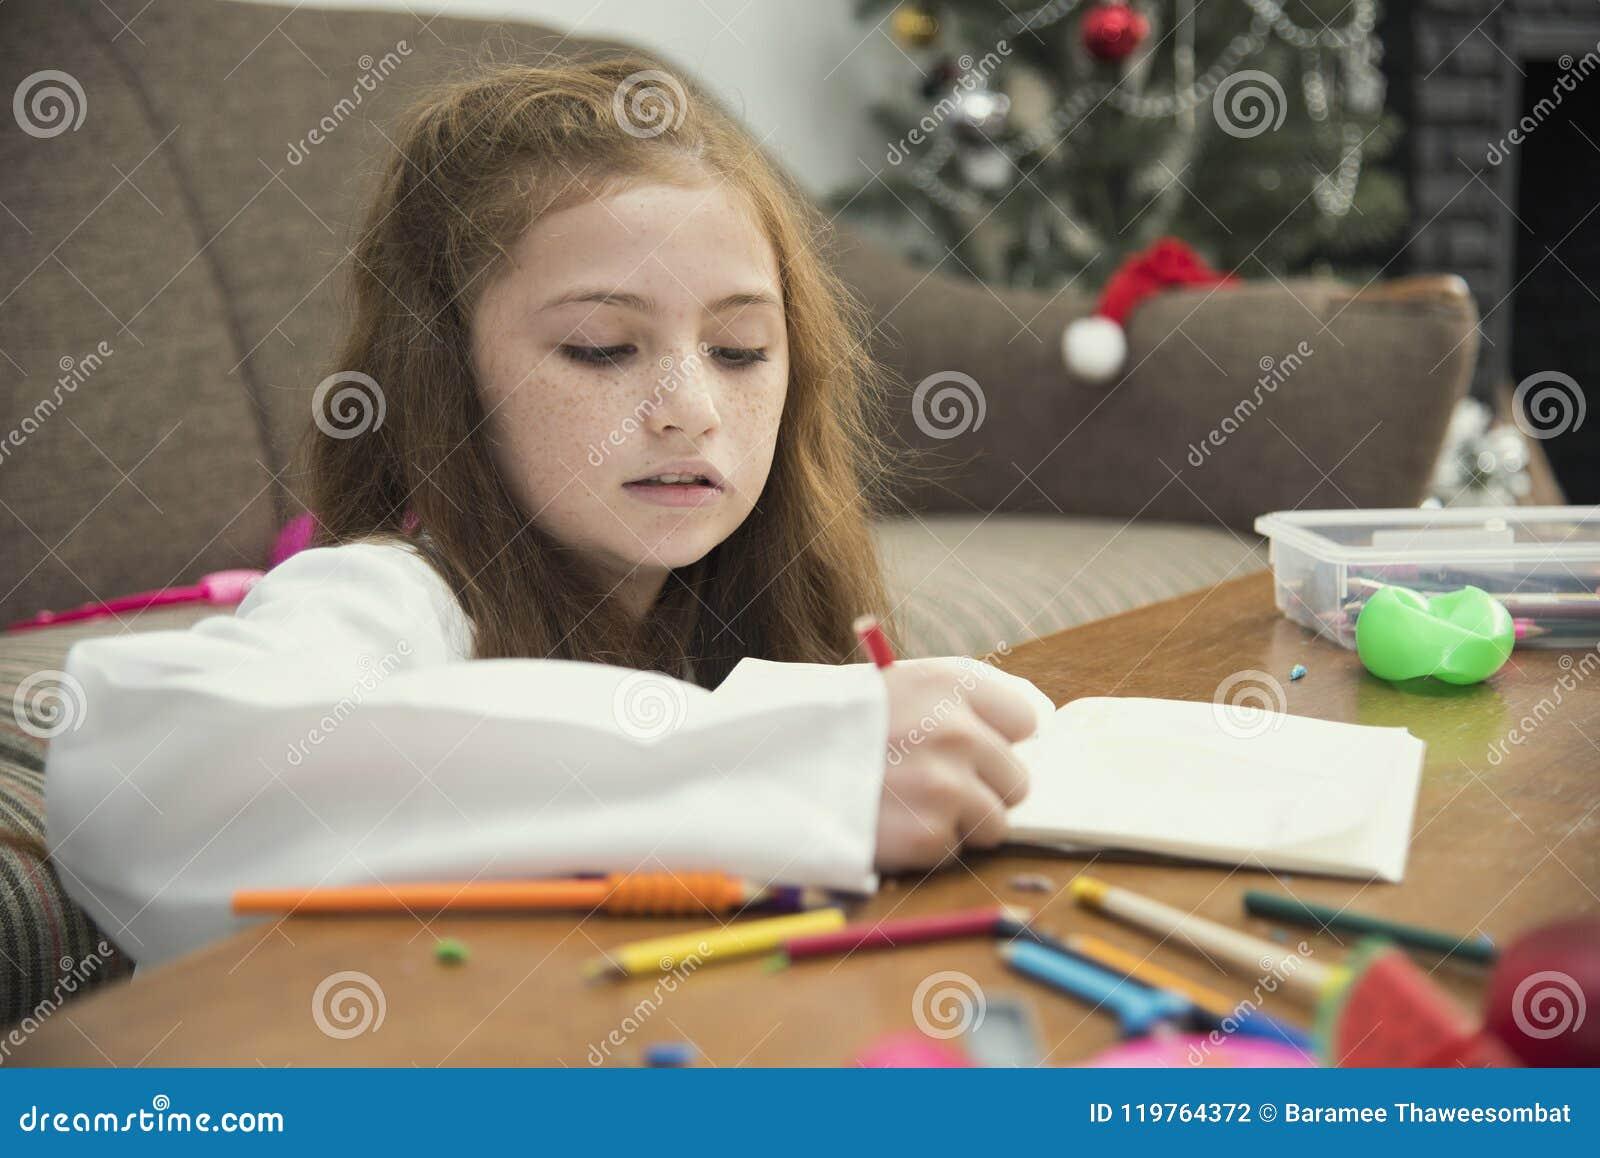 Tiragem da menina imagens coloridas usando pastéis do lápis